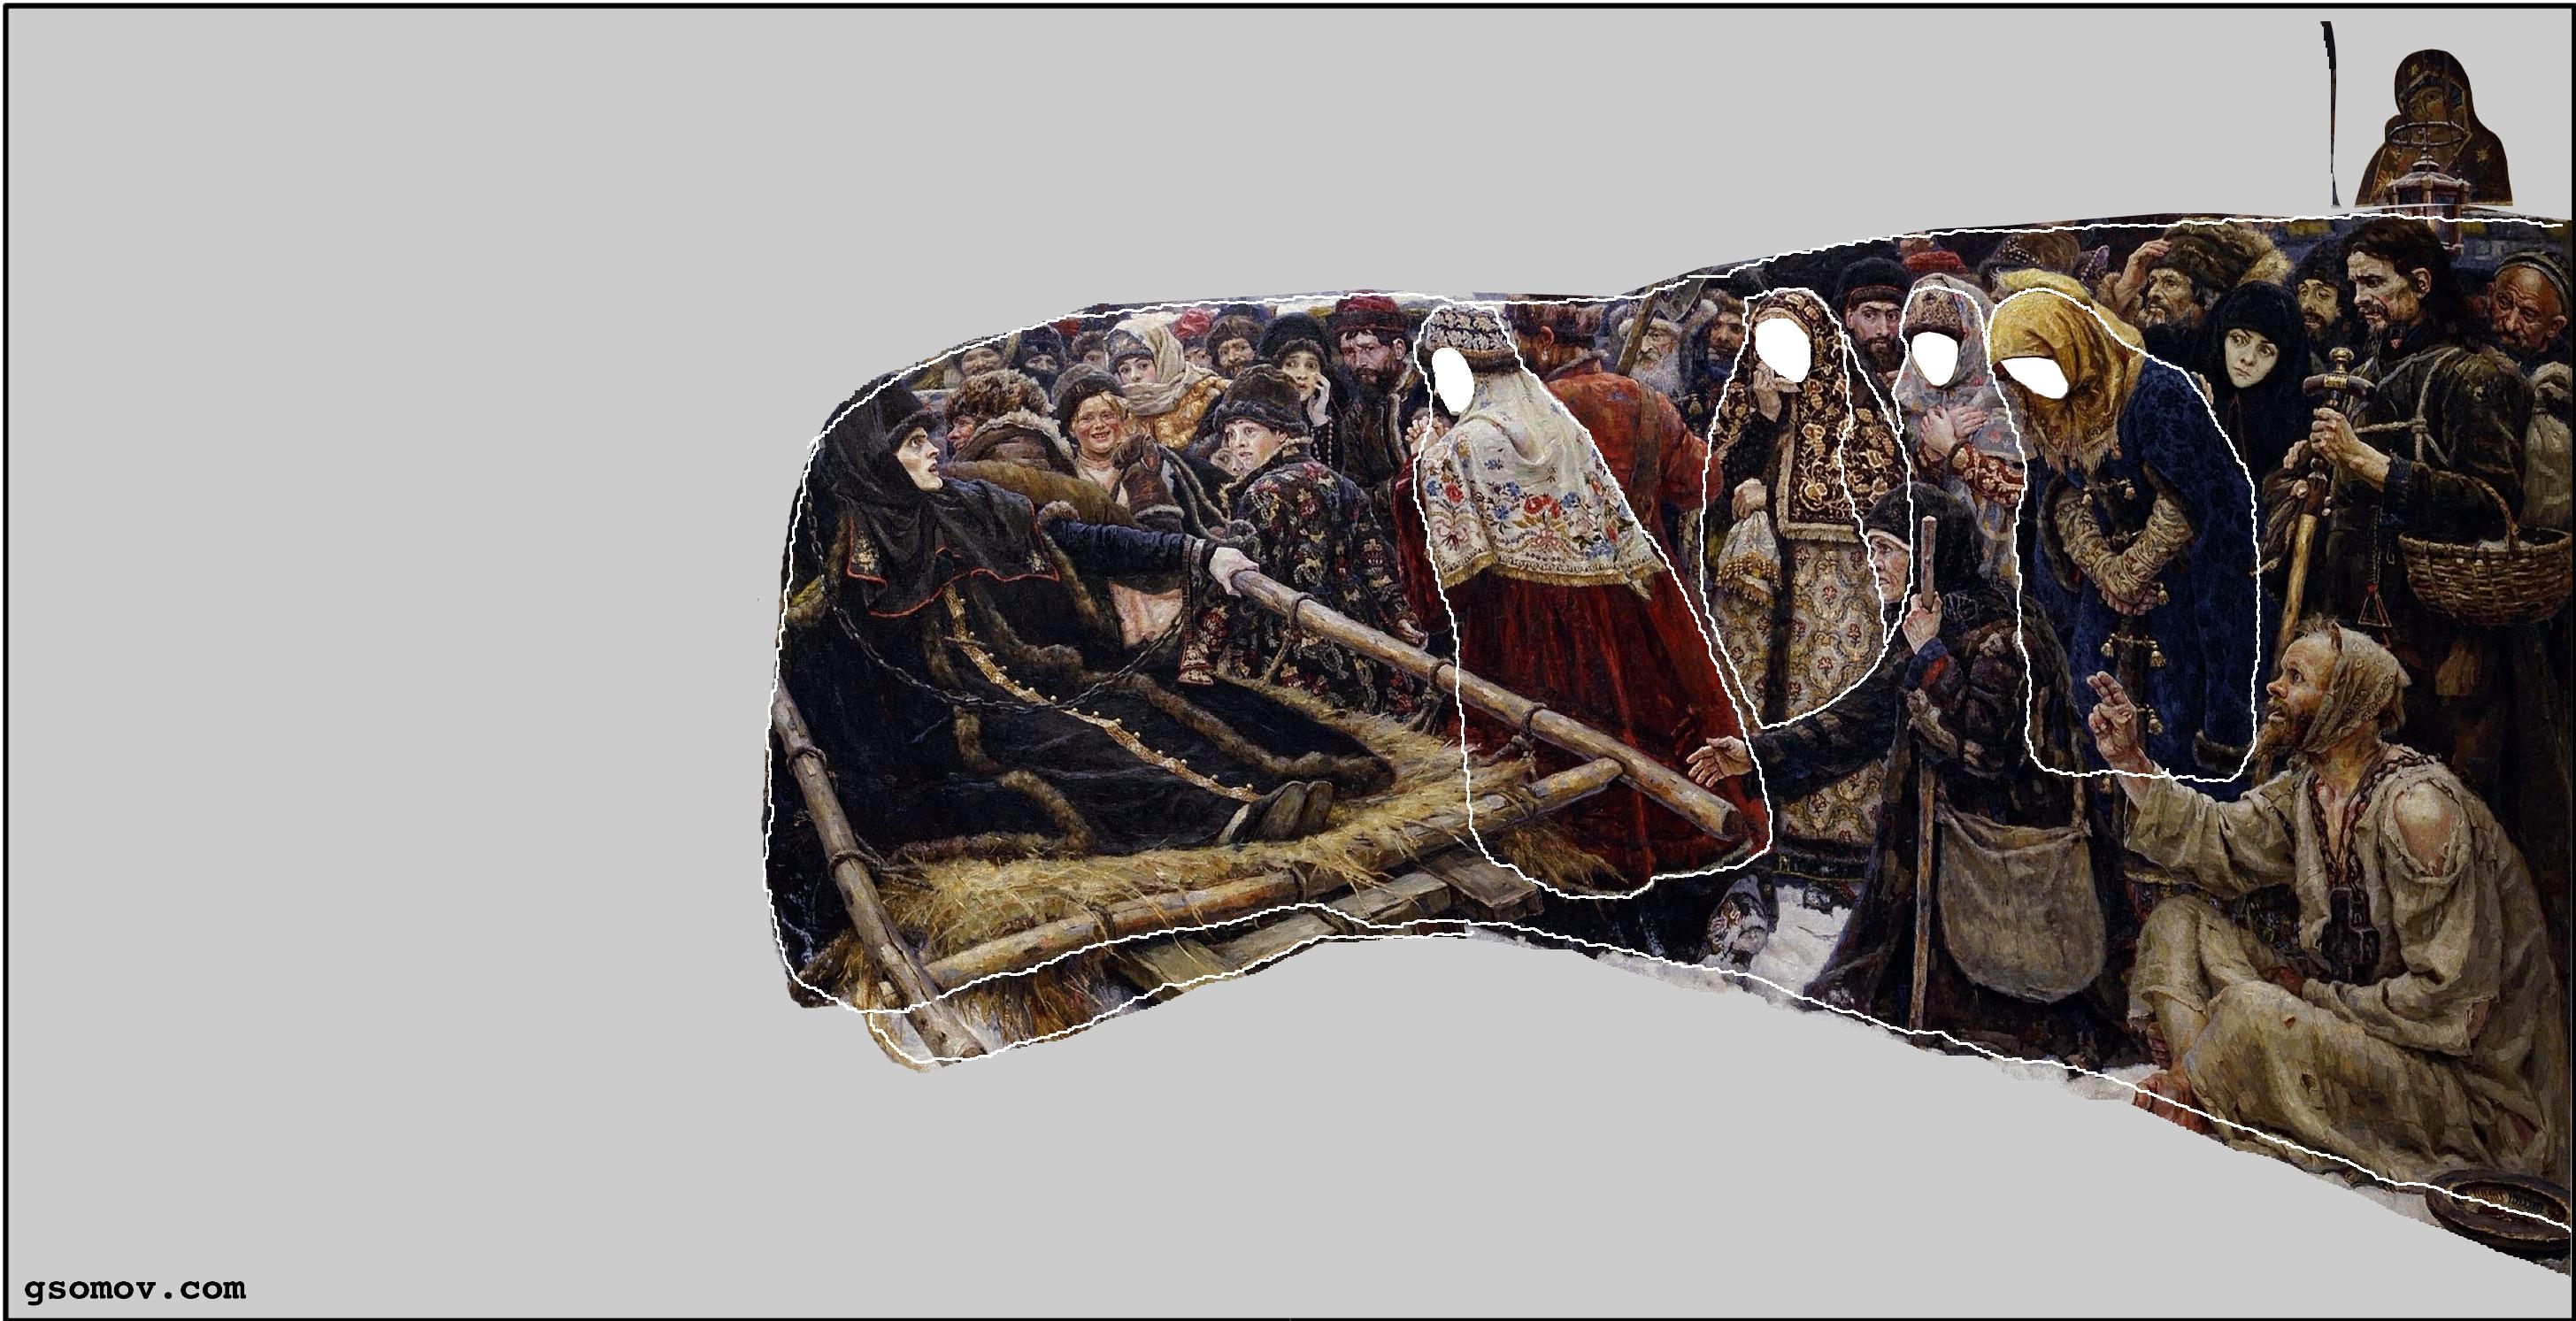 Рис. 7. «Боярыня Морозова». Скрытый знак – очертания скорбно склонившейся  Богородицы.